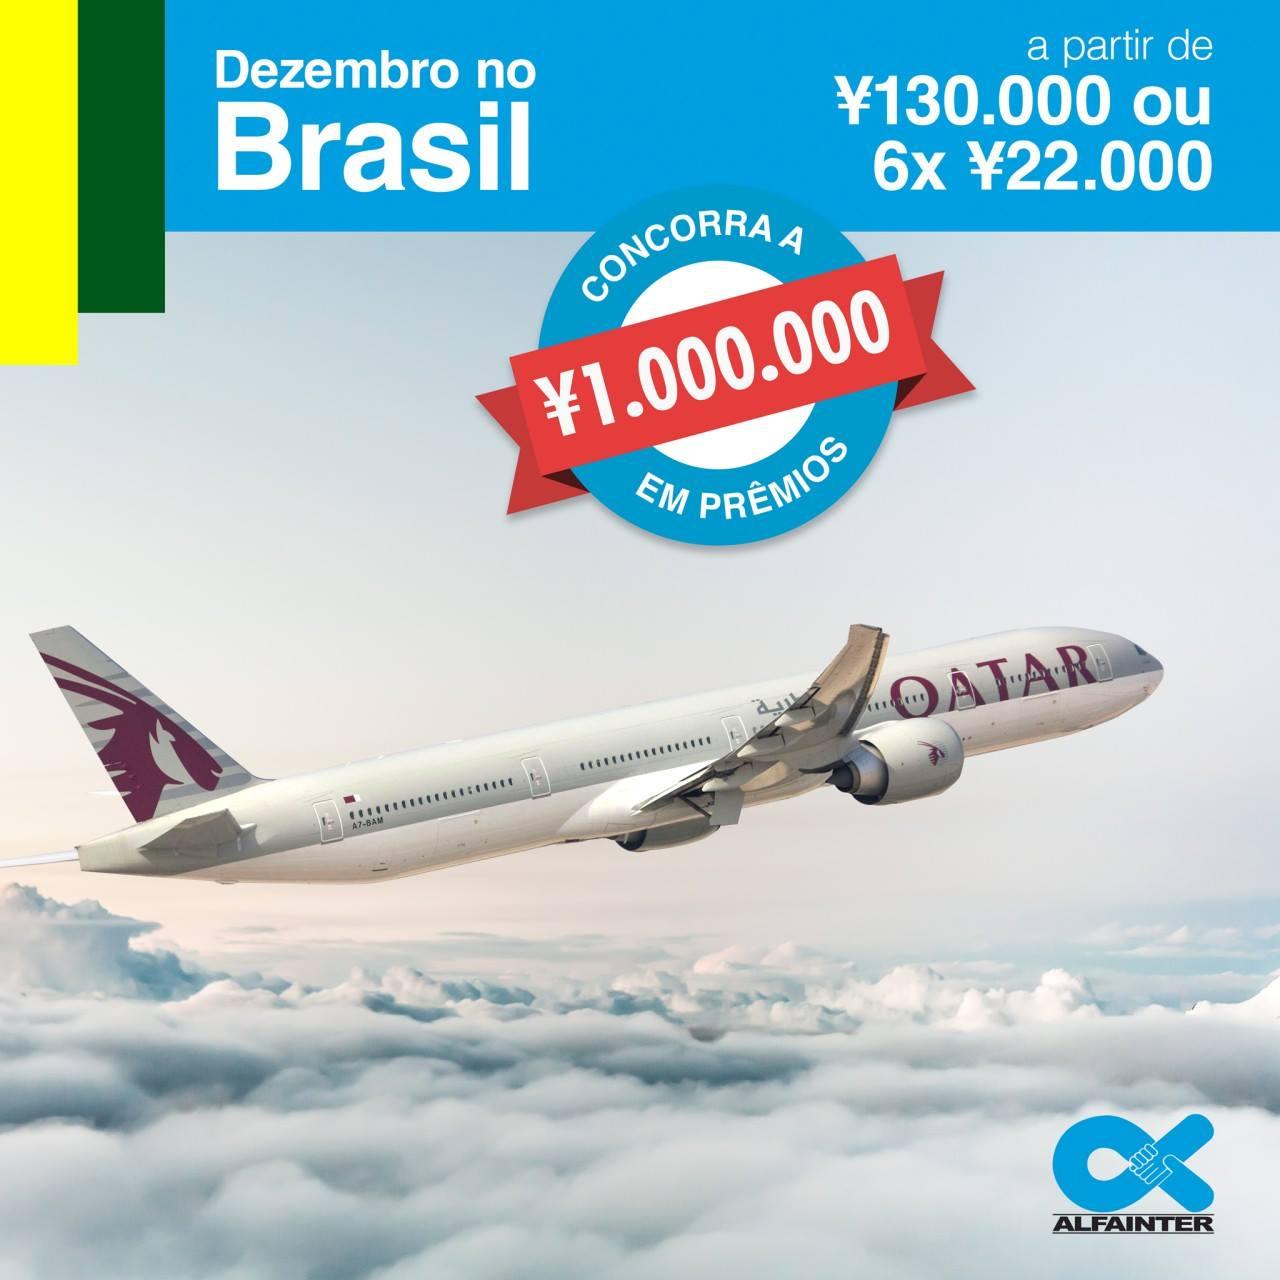 &nbspPromoção de passagens aéreas para dezembro + ¥1.000.000 em prêmios!!!